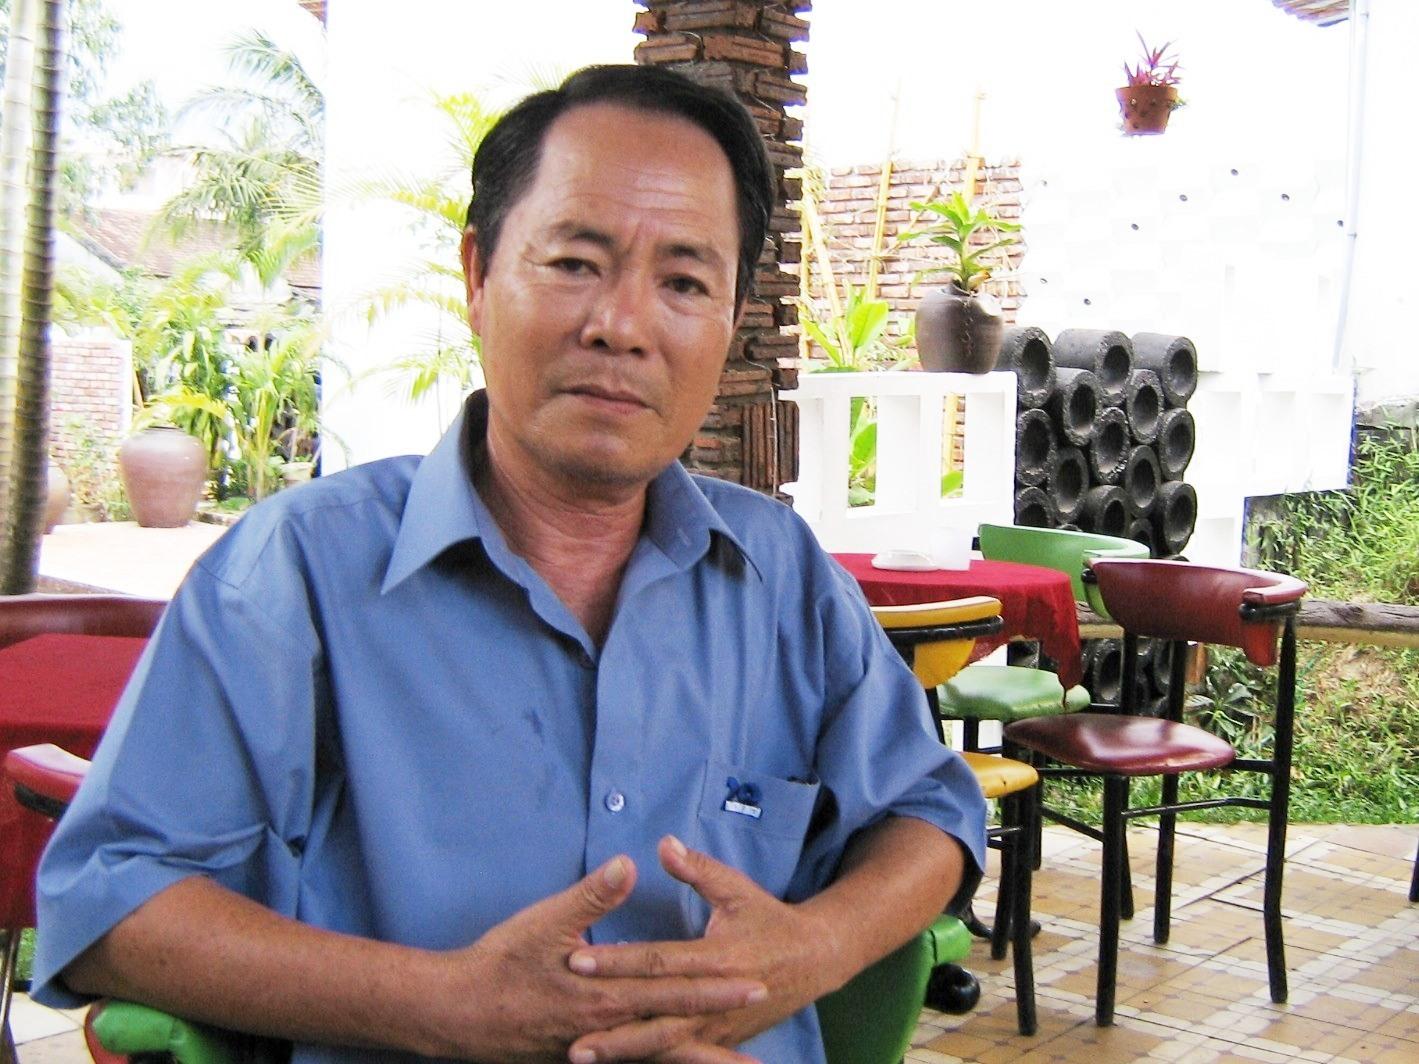 Nhạc sĩ Vũ Đức Sao Biển trong một lần về quê nhà Quảng Nam vào năm 2006. Ảnh: P.C.A.